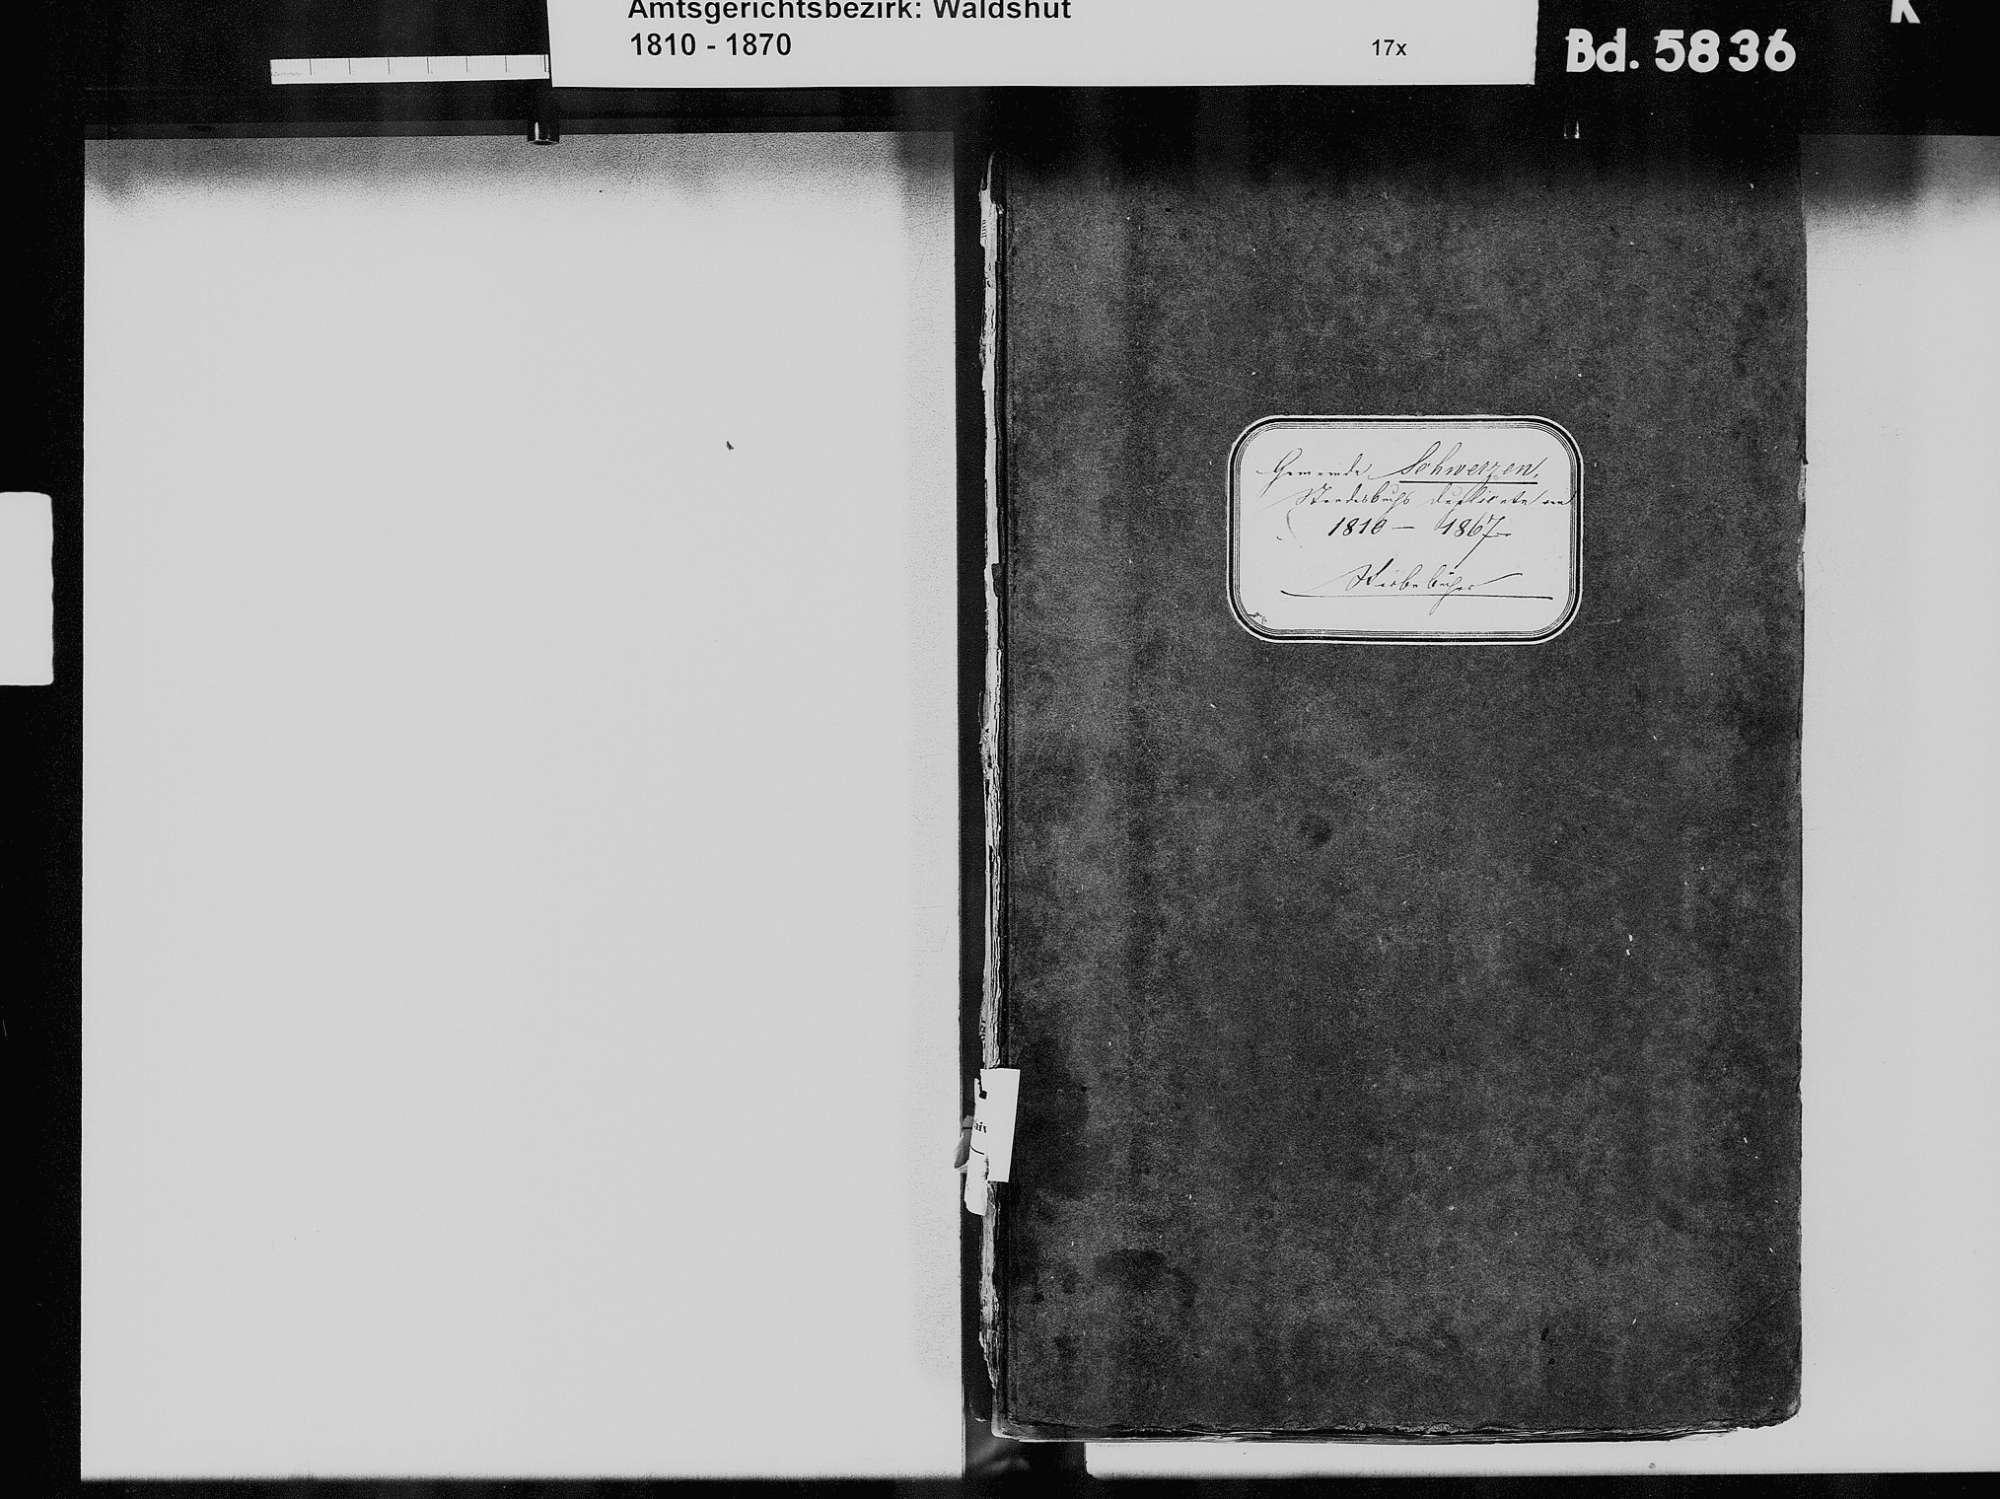 Schwerzen, Wutöschingen WT; Katholische Gemeinde: Sterbebuch 1810-1869, Bild 3